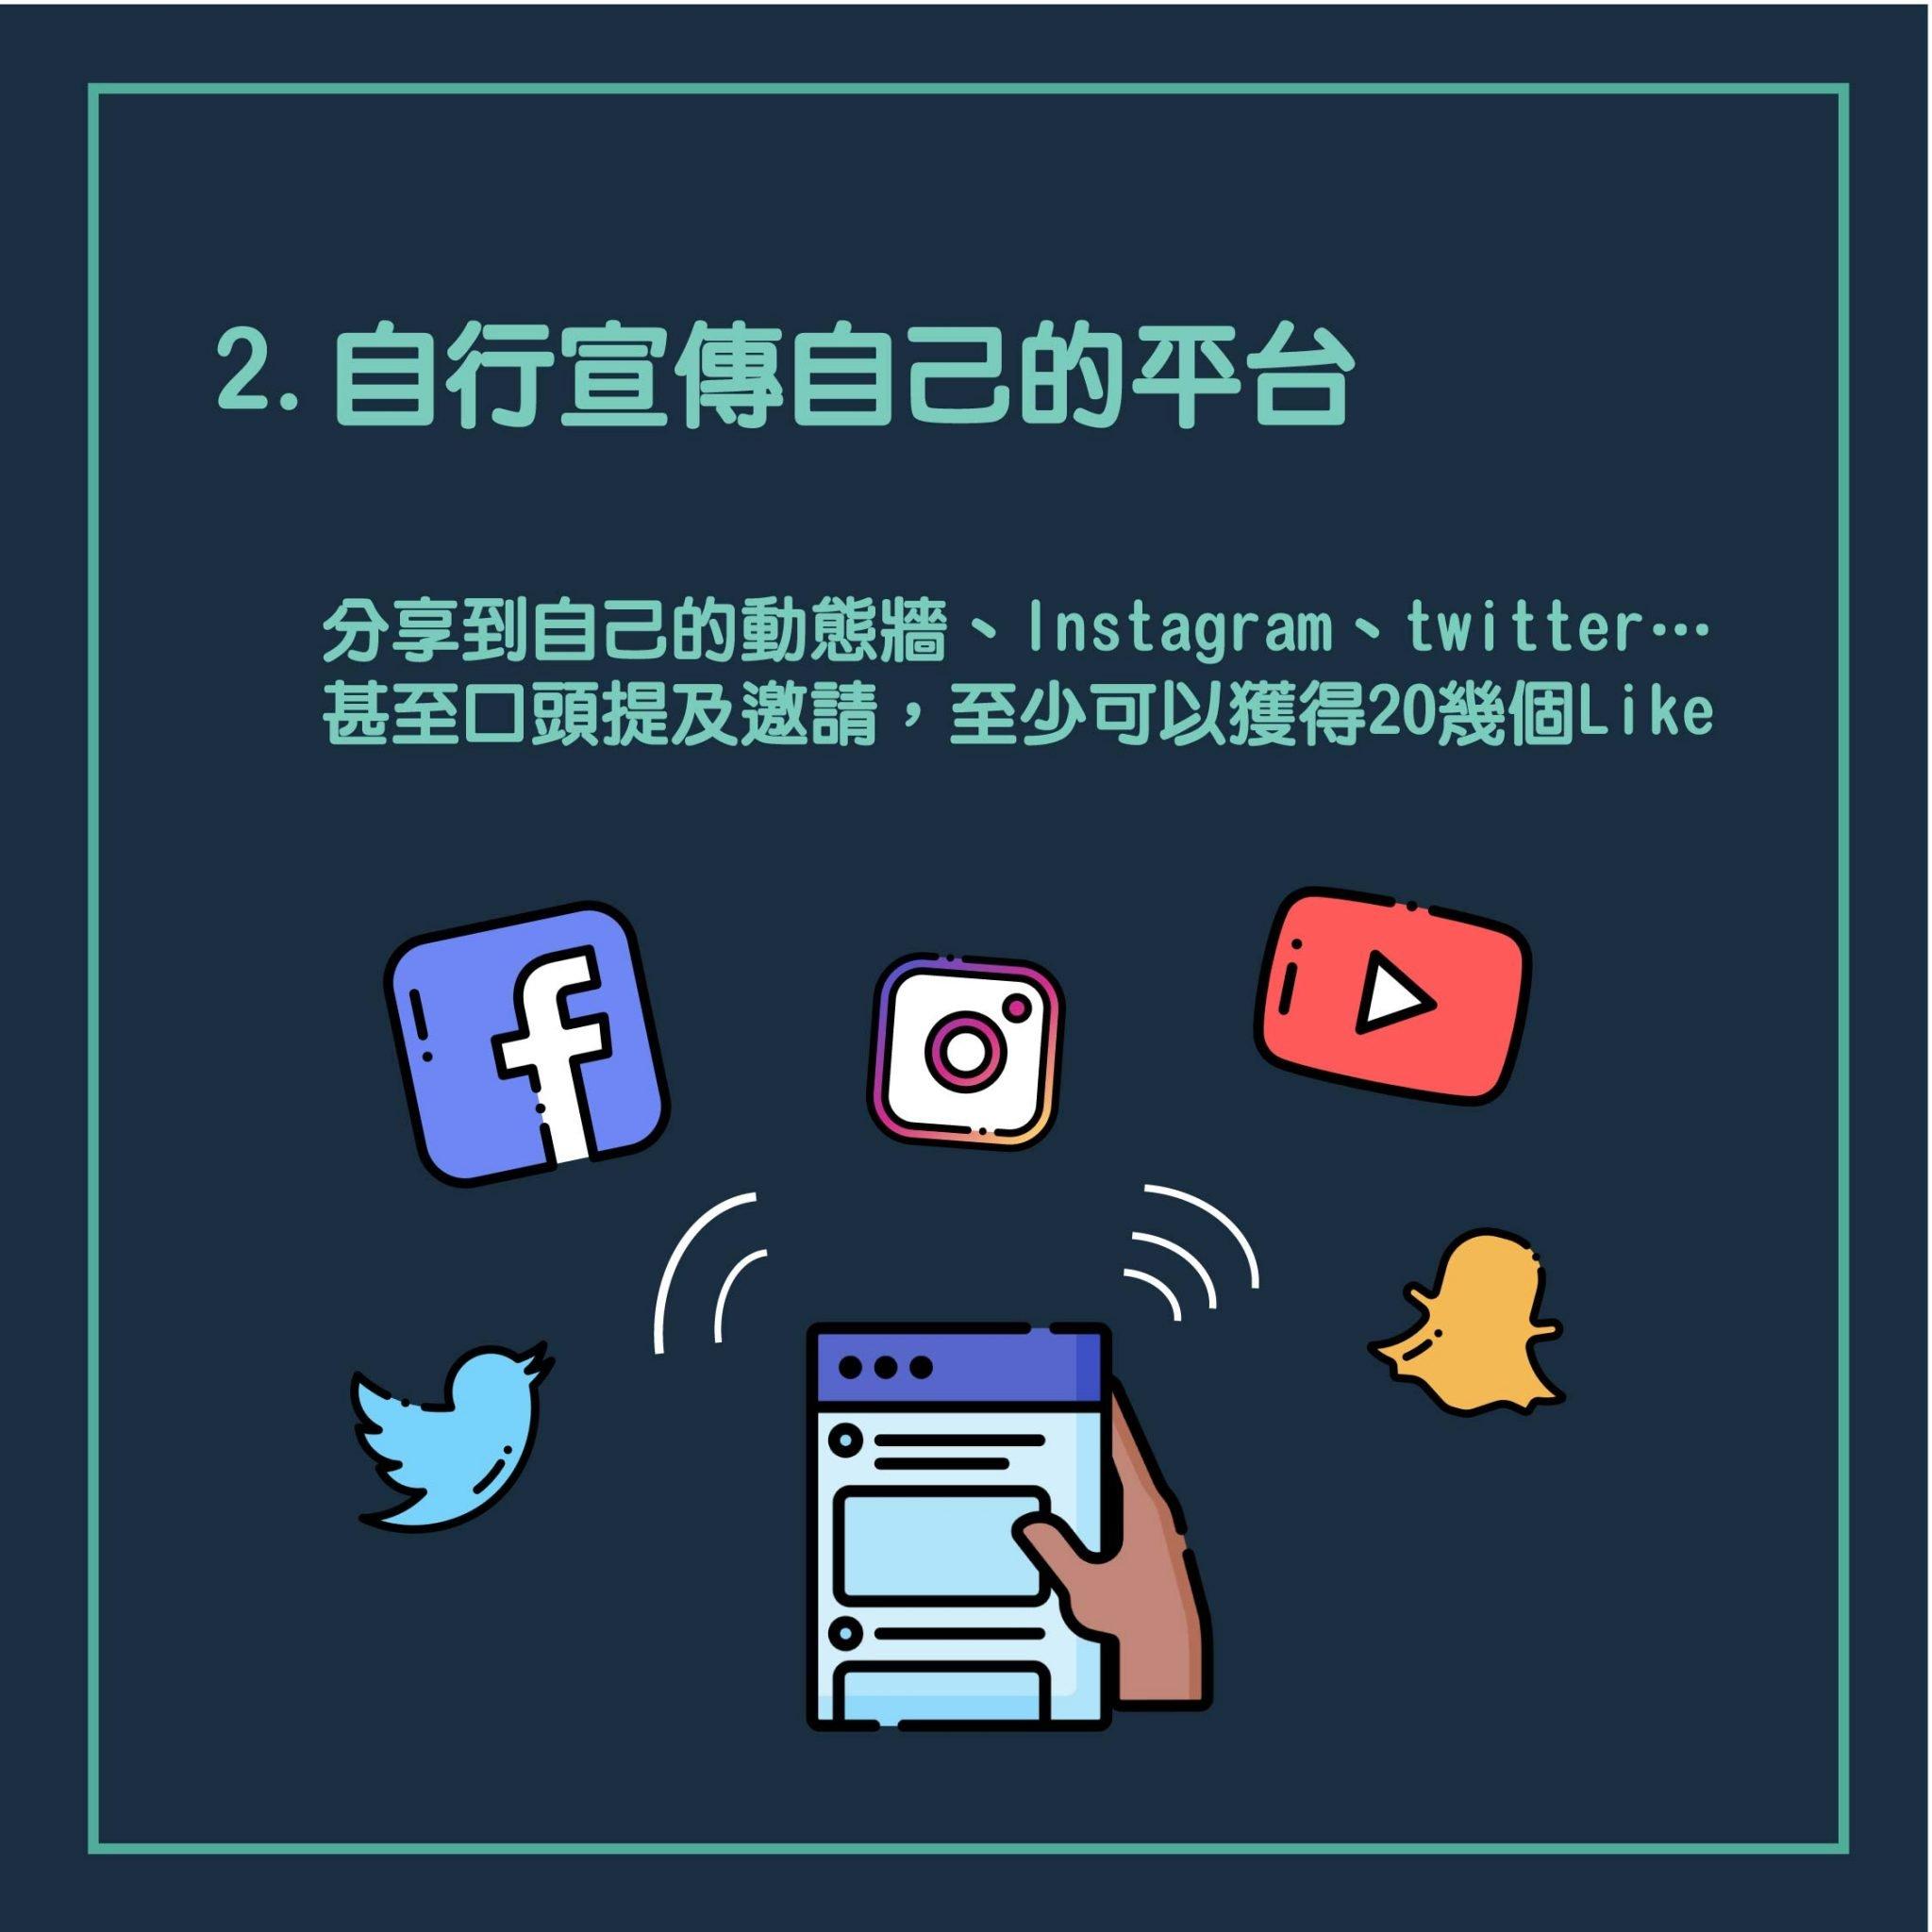 2. 自行宣傳自己的平台